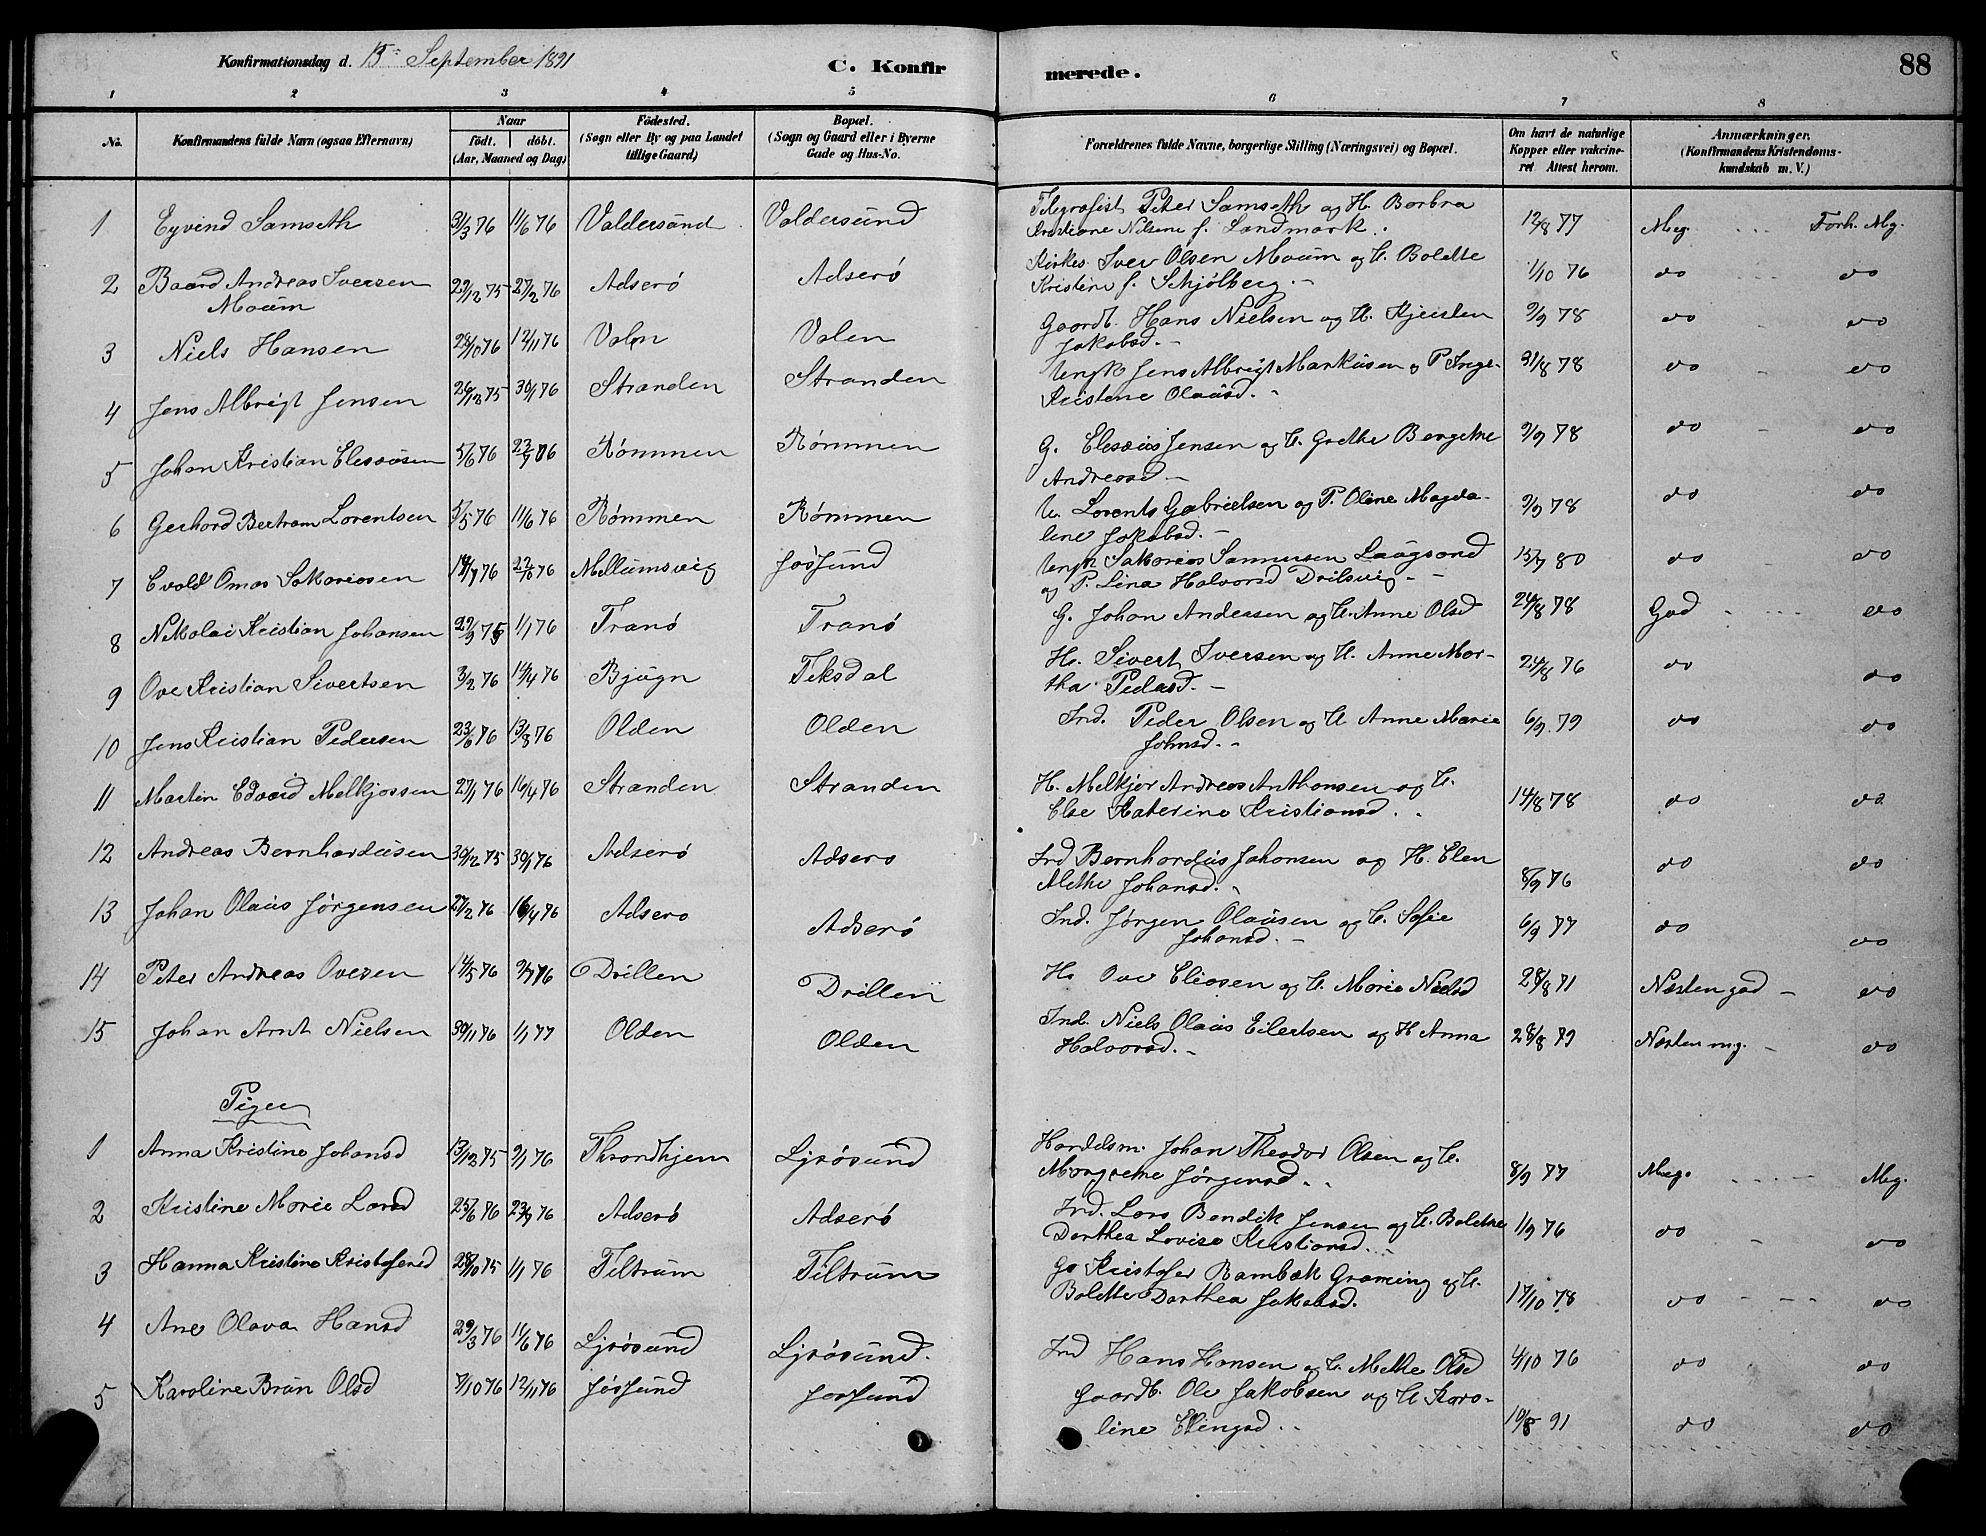 SAT, Ministerialprotokoller, klokkerbøker og fødselsregistre - Sør-Trøndelag, 654/L0665: Klokkerbok nr. 654C01, 1879-1901, s. 88